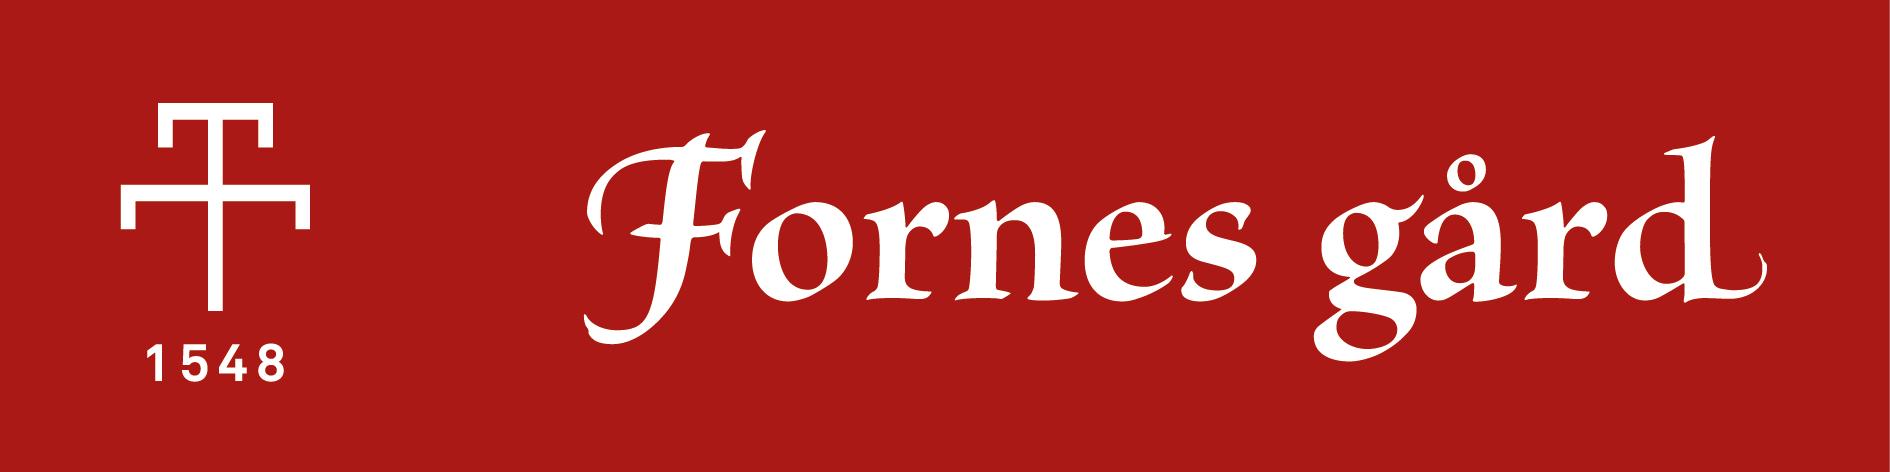 Fornes gård logo avlang-02.png